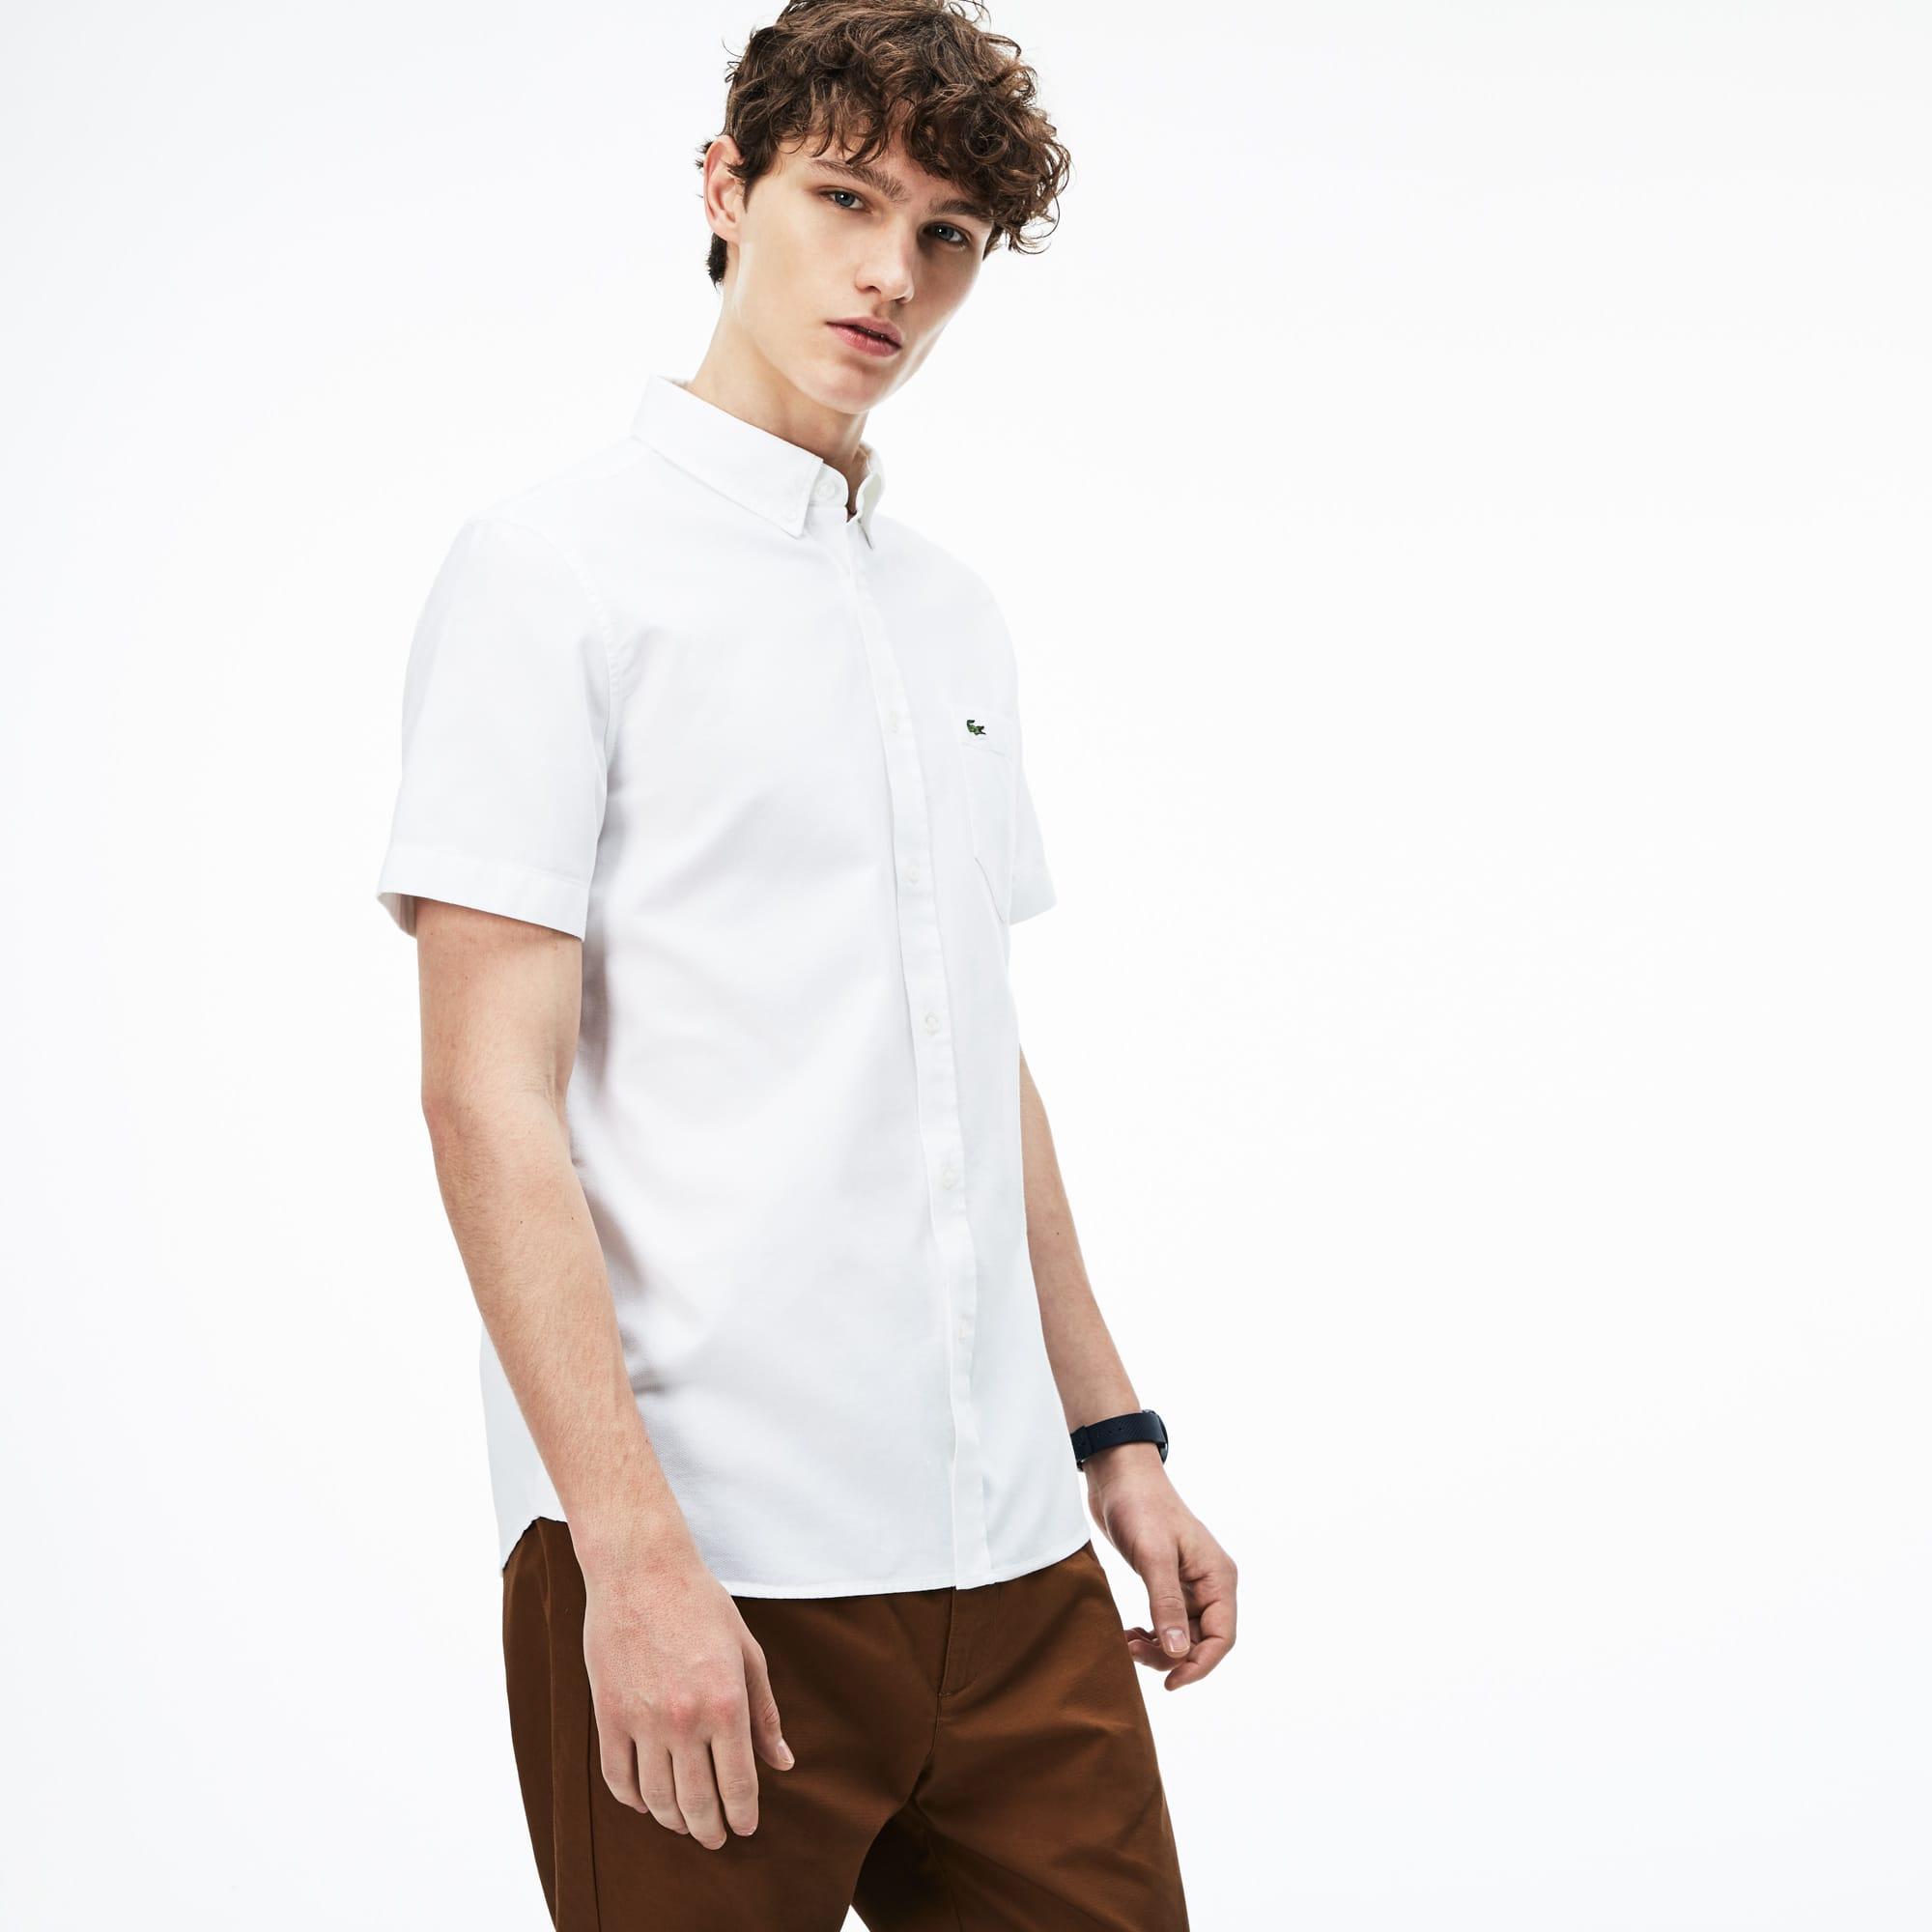 Courtes Homme Chemises Manches Vêtements À Lacoste PUzxqCSn0w ce0b9d5db58